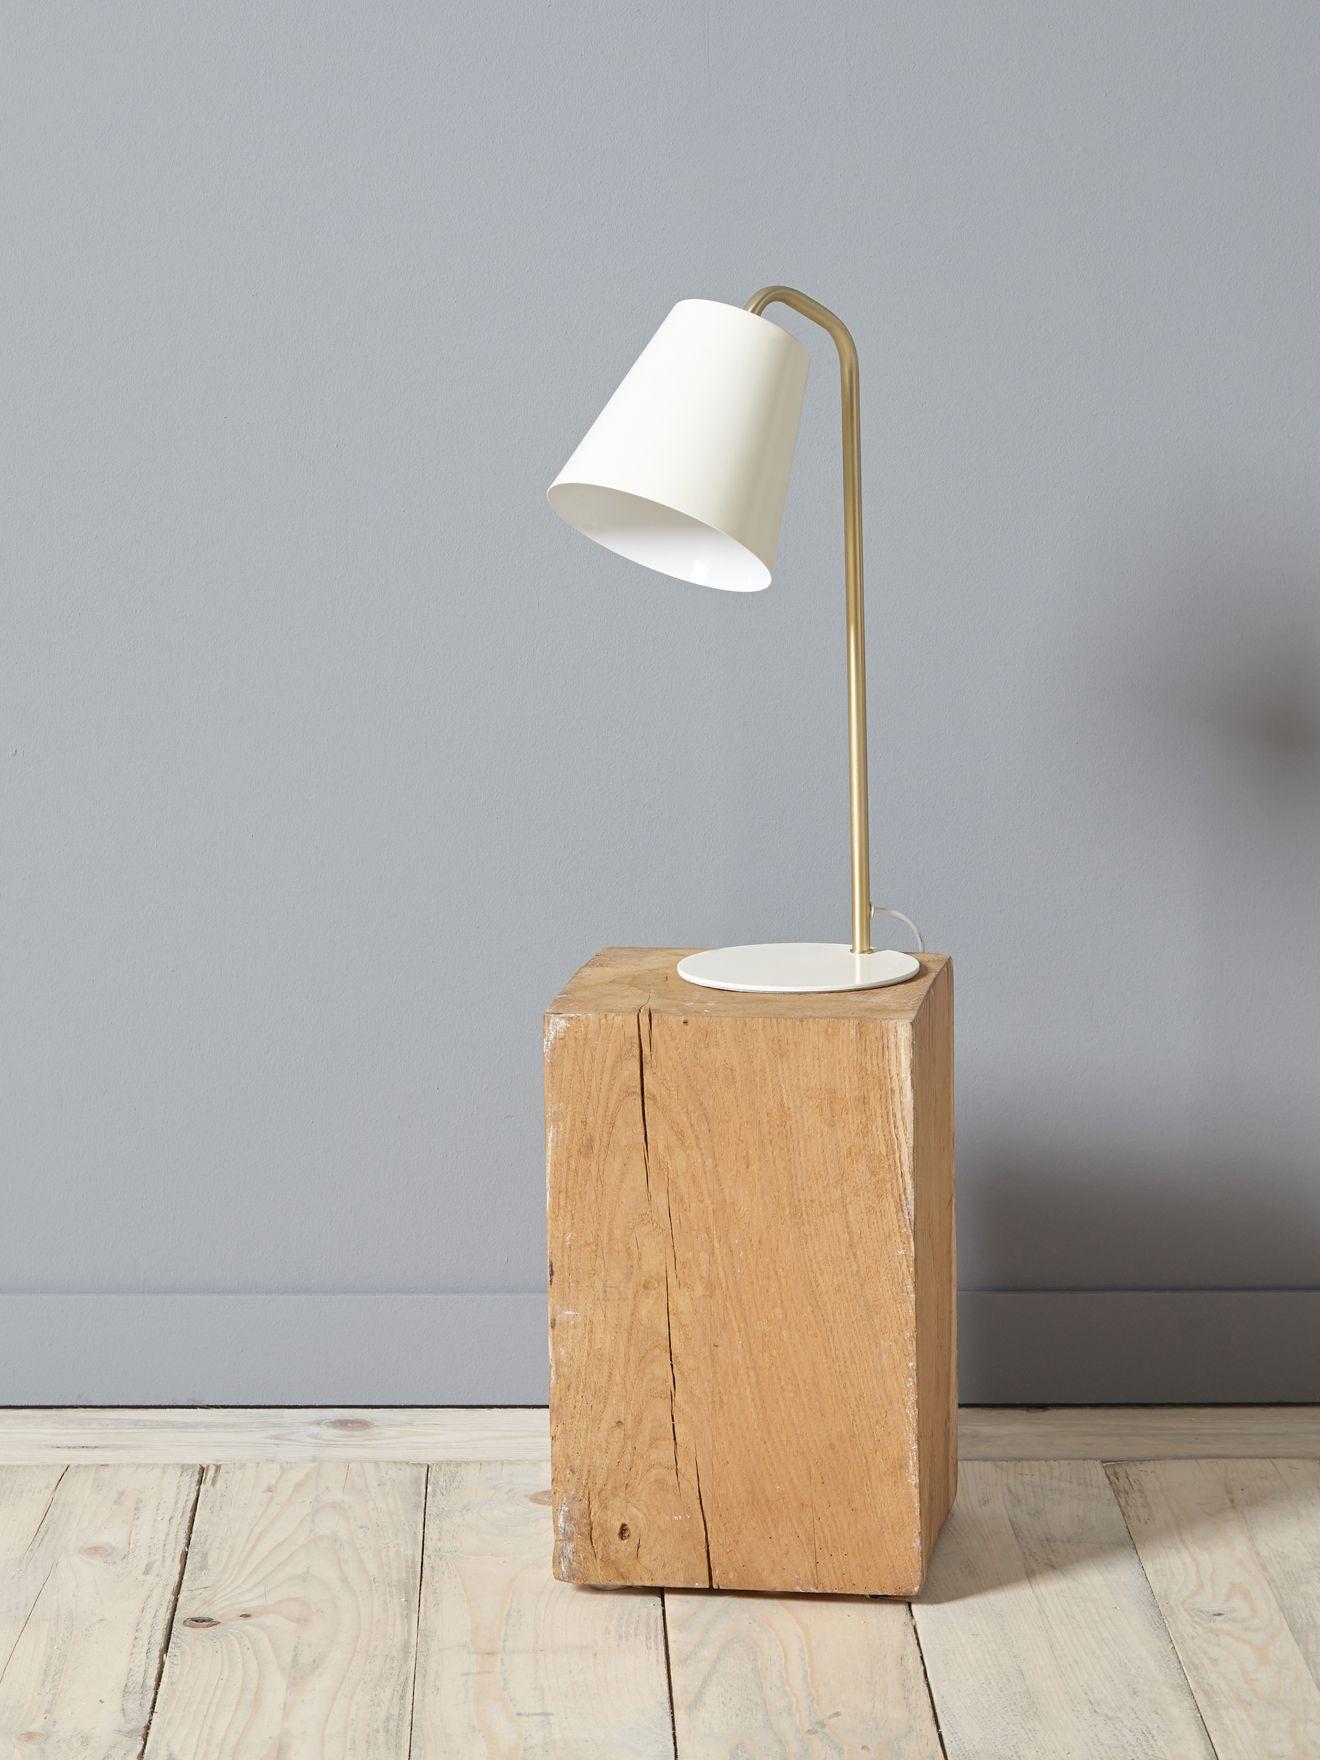 Lampe cloche en métal doré Maison Vetement et déco Cyrillus